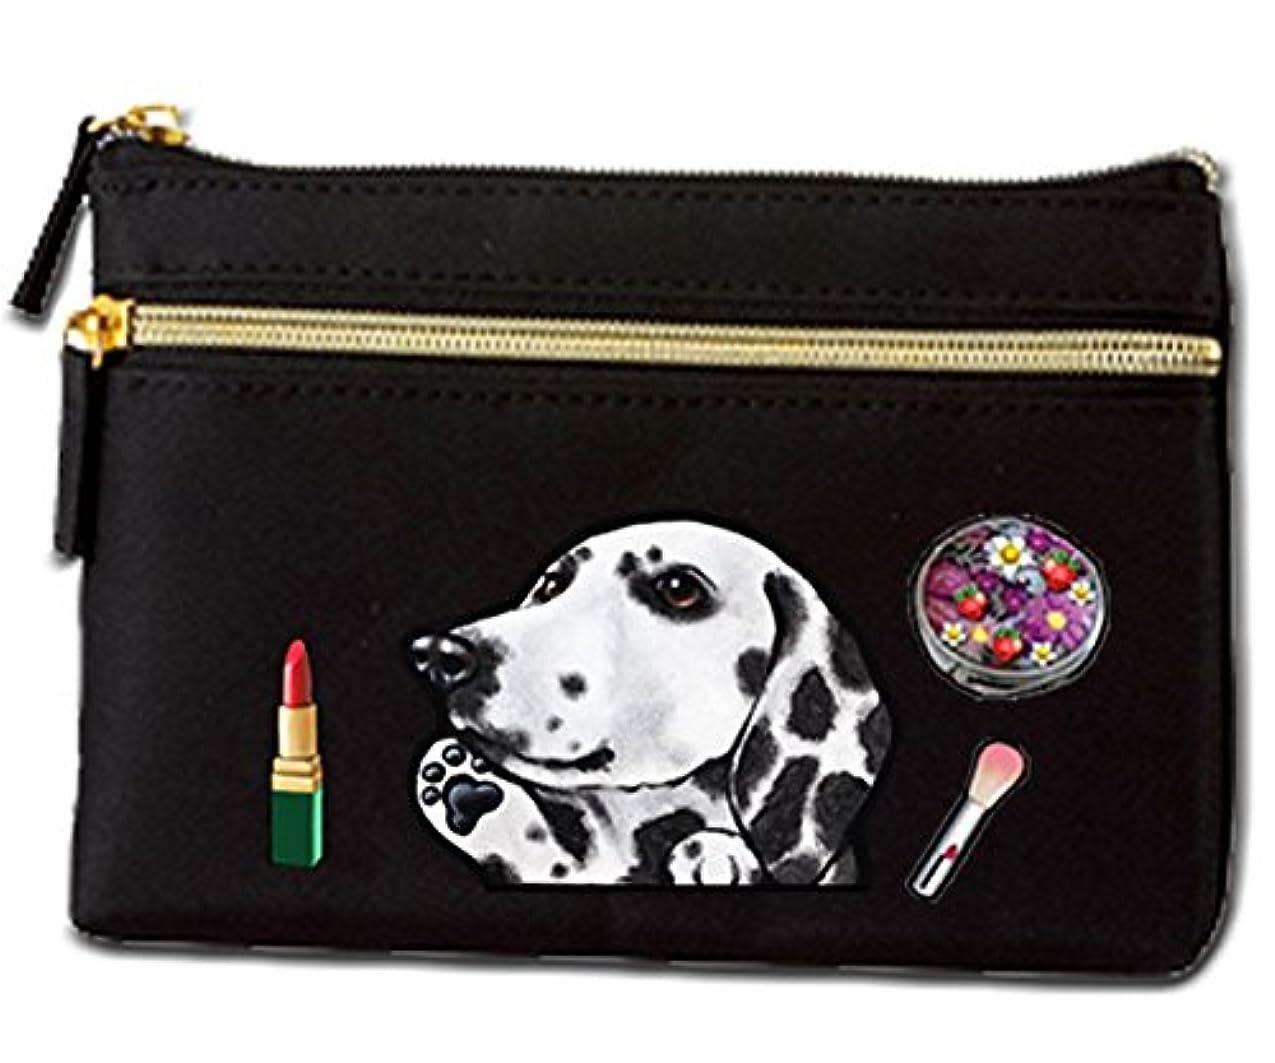 分類ファッション購入犬 ポーチ / ダルメシアン2/雑貨/グッズ/オリジナル